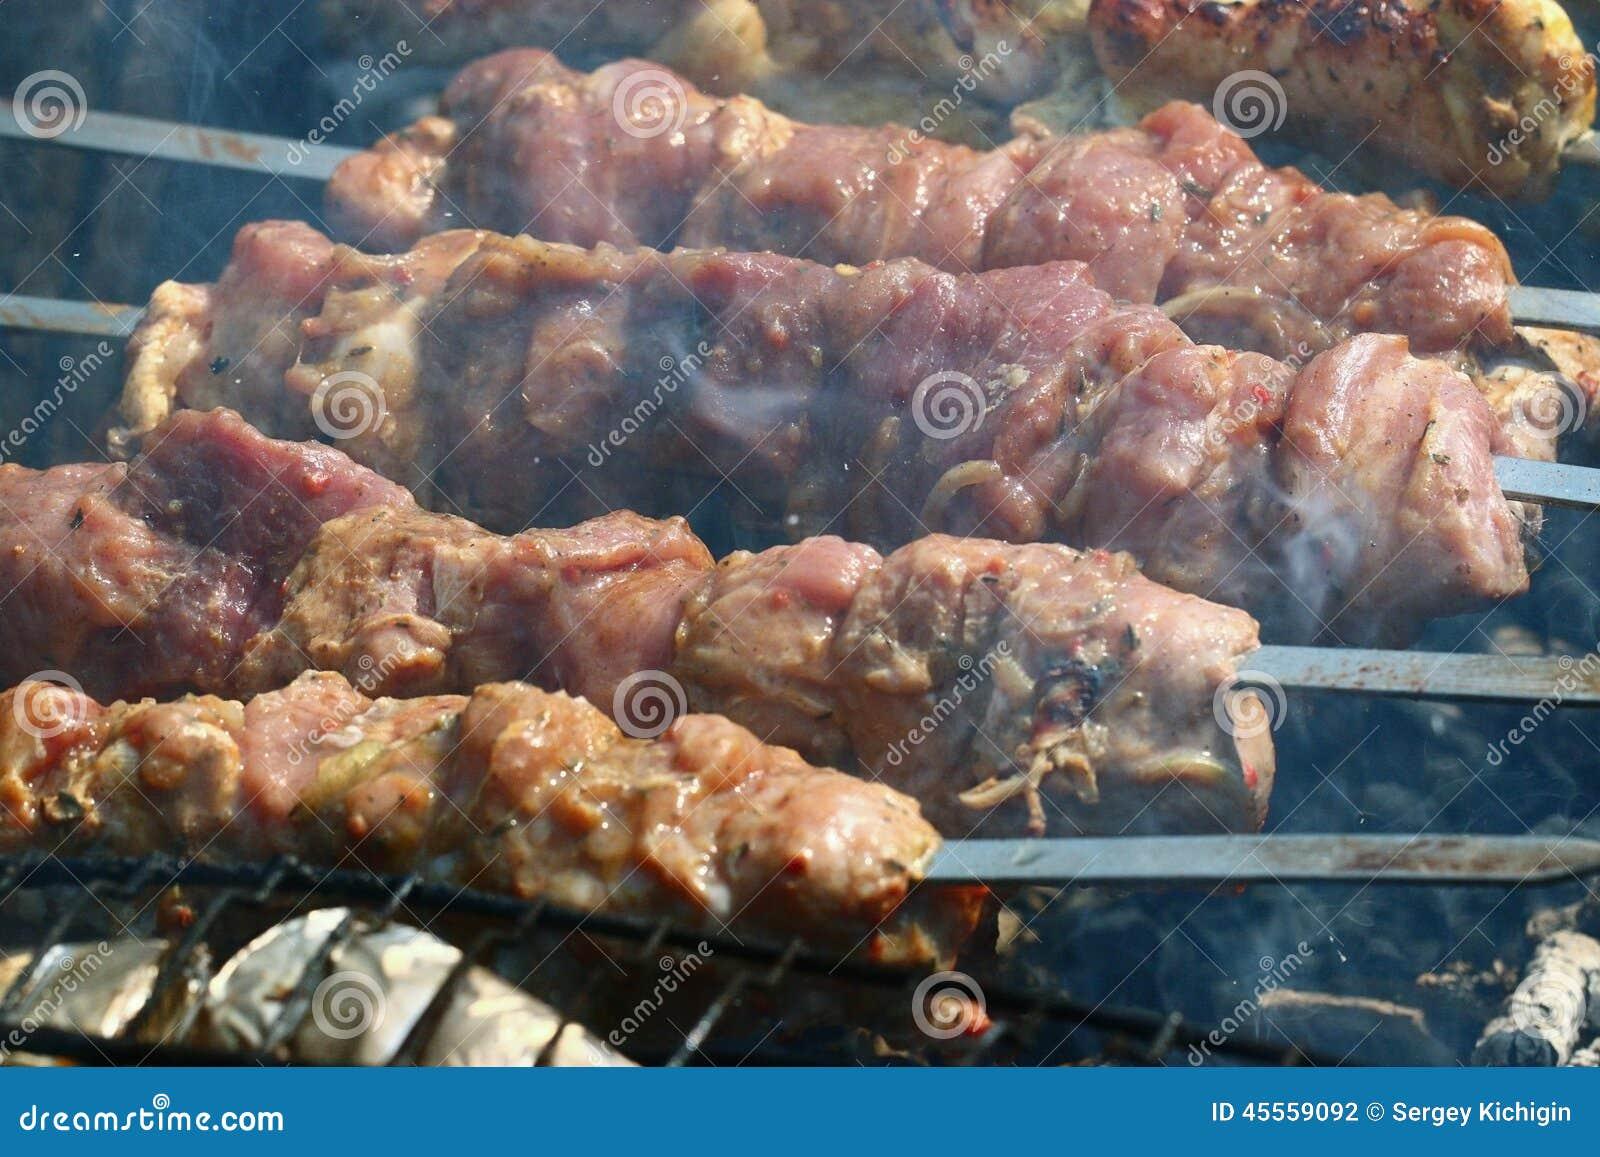 how to make kebab skewers